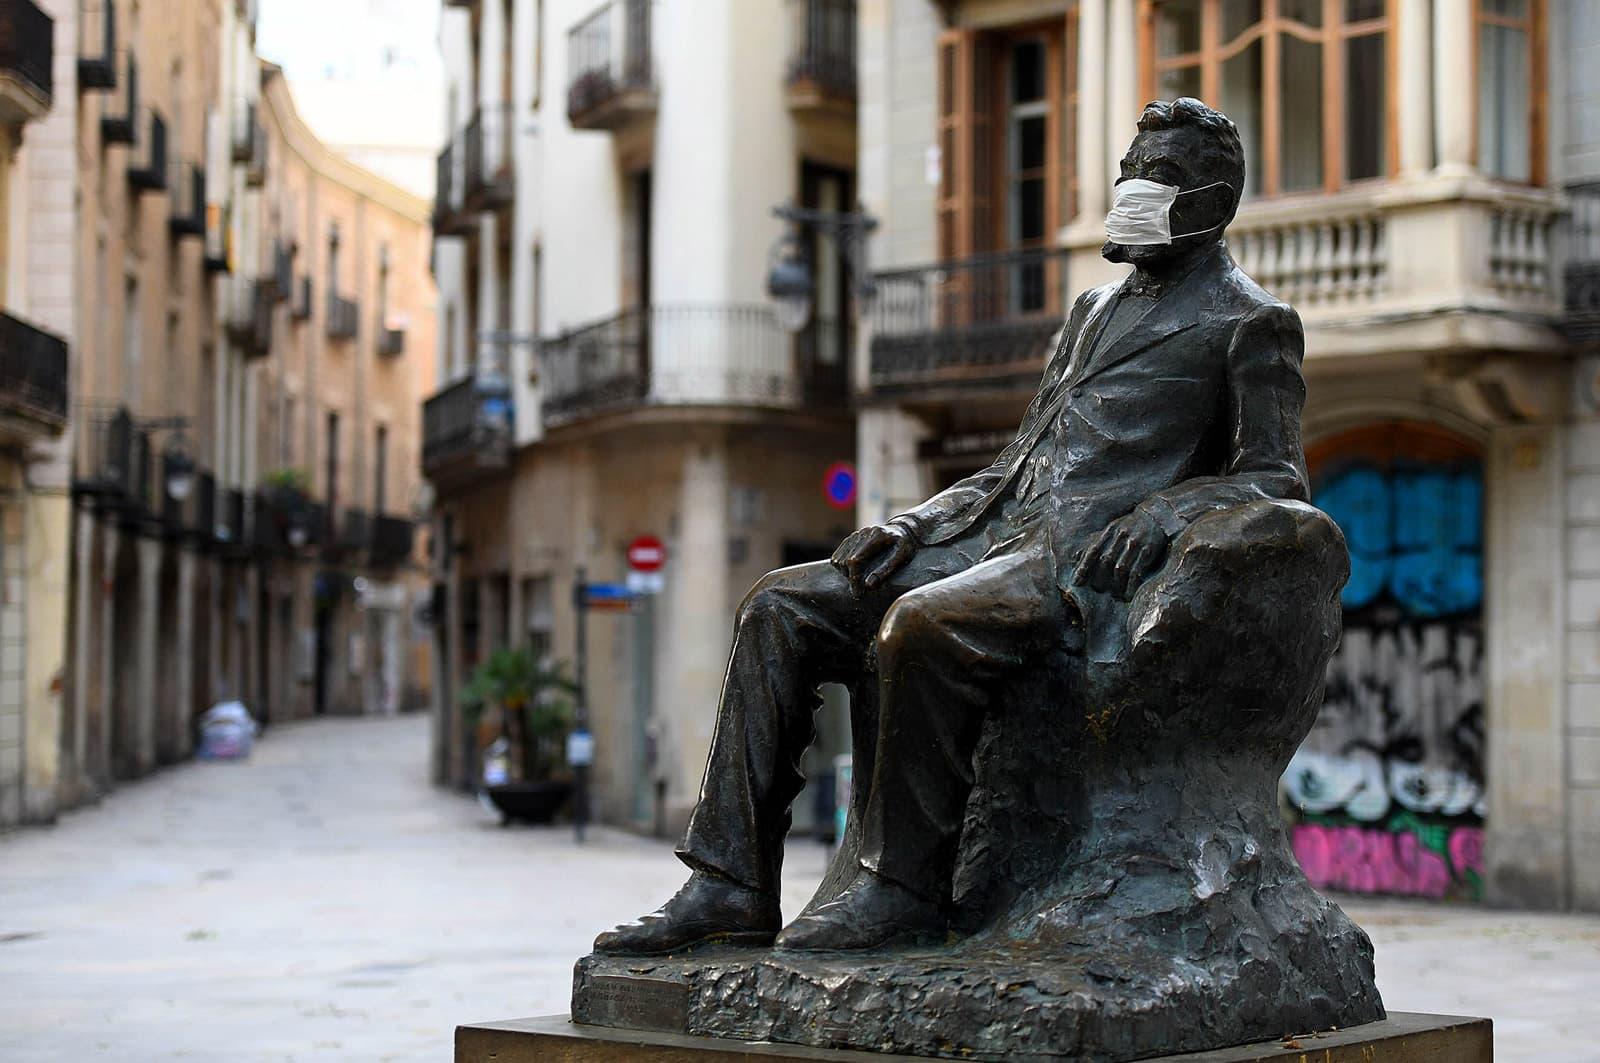 Estàtua d'Àngel Guimerà amb mascareta el 22 d'abril a la plaça de Sant Josep Oriol. Fotografia de Xavier Jubierre